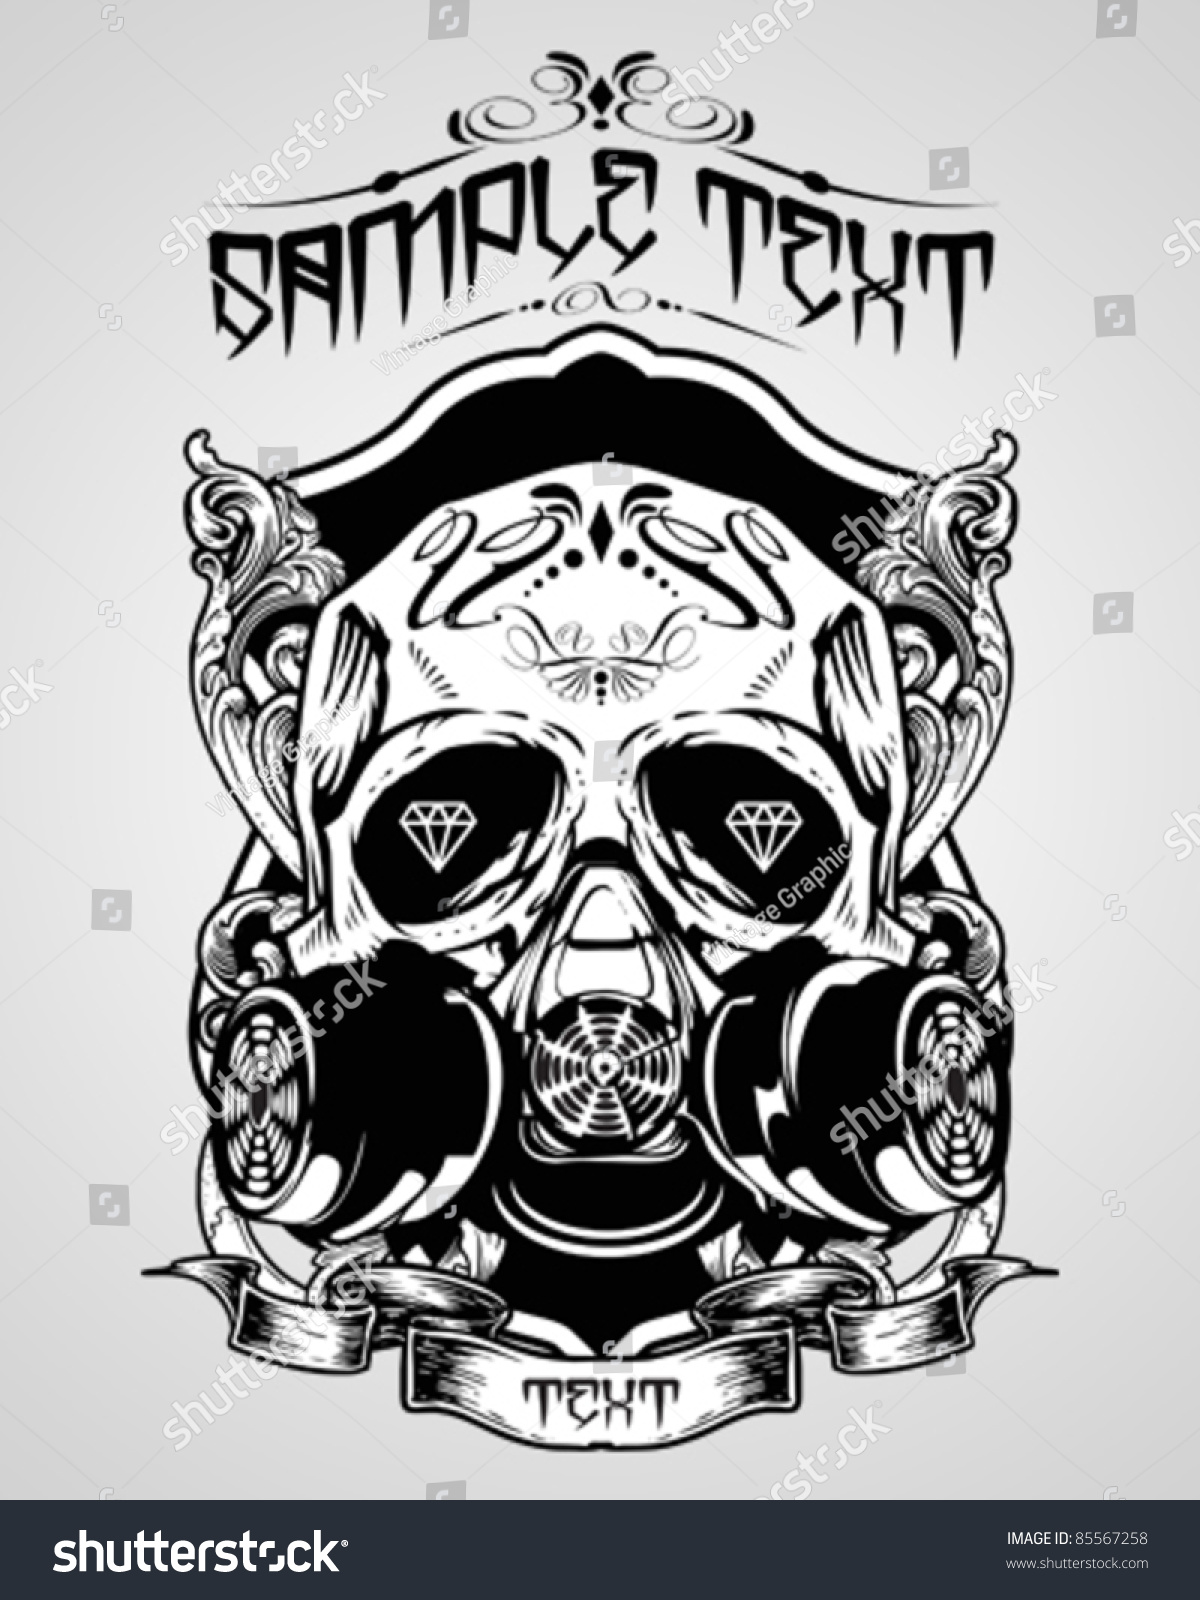 Design t shirts logo - Vector Illustration Skull T Shirt Design Logos